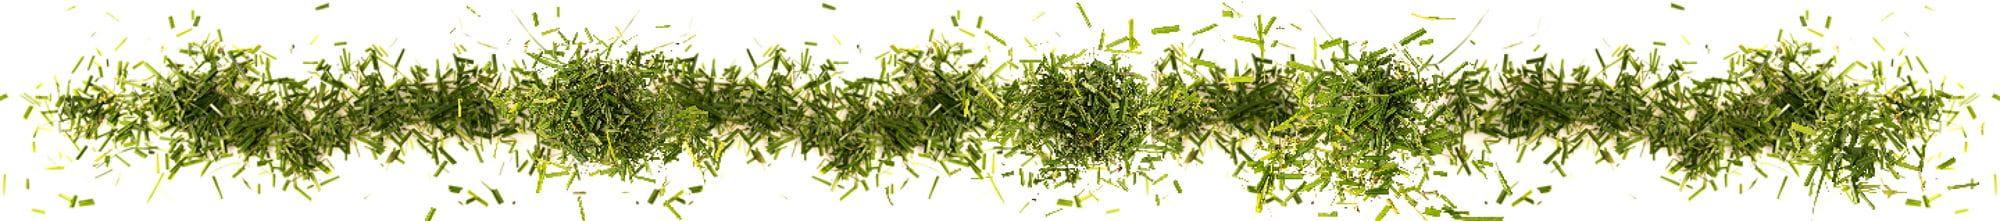 grass breaker